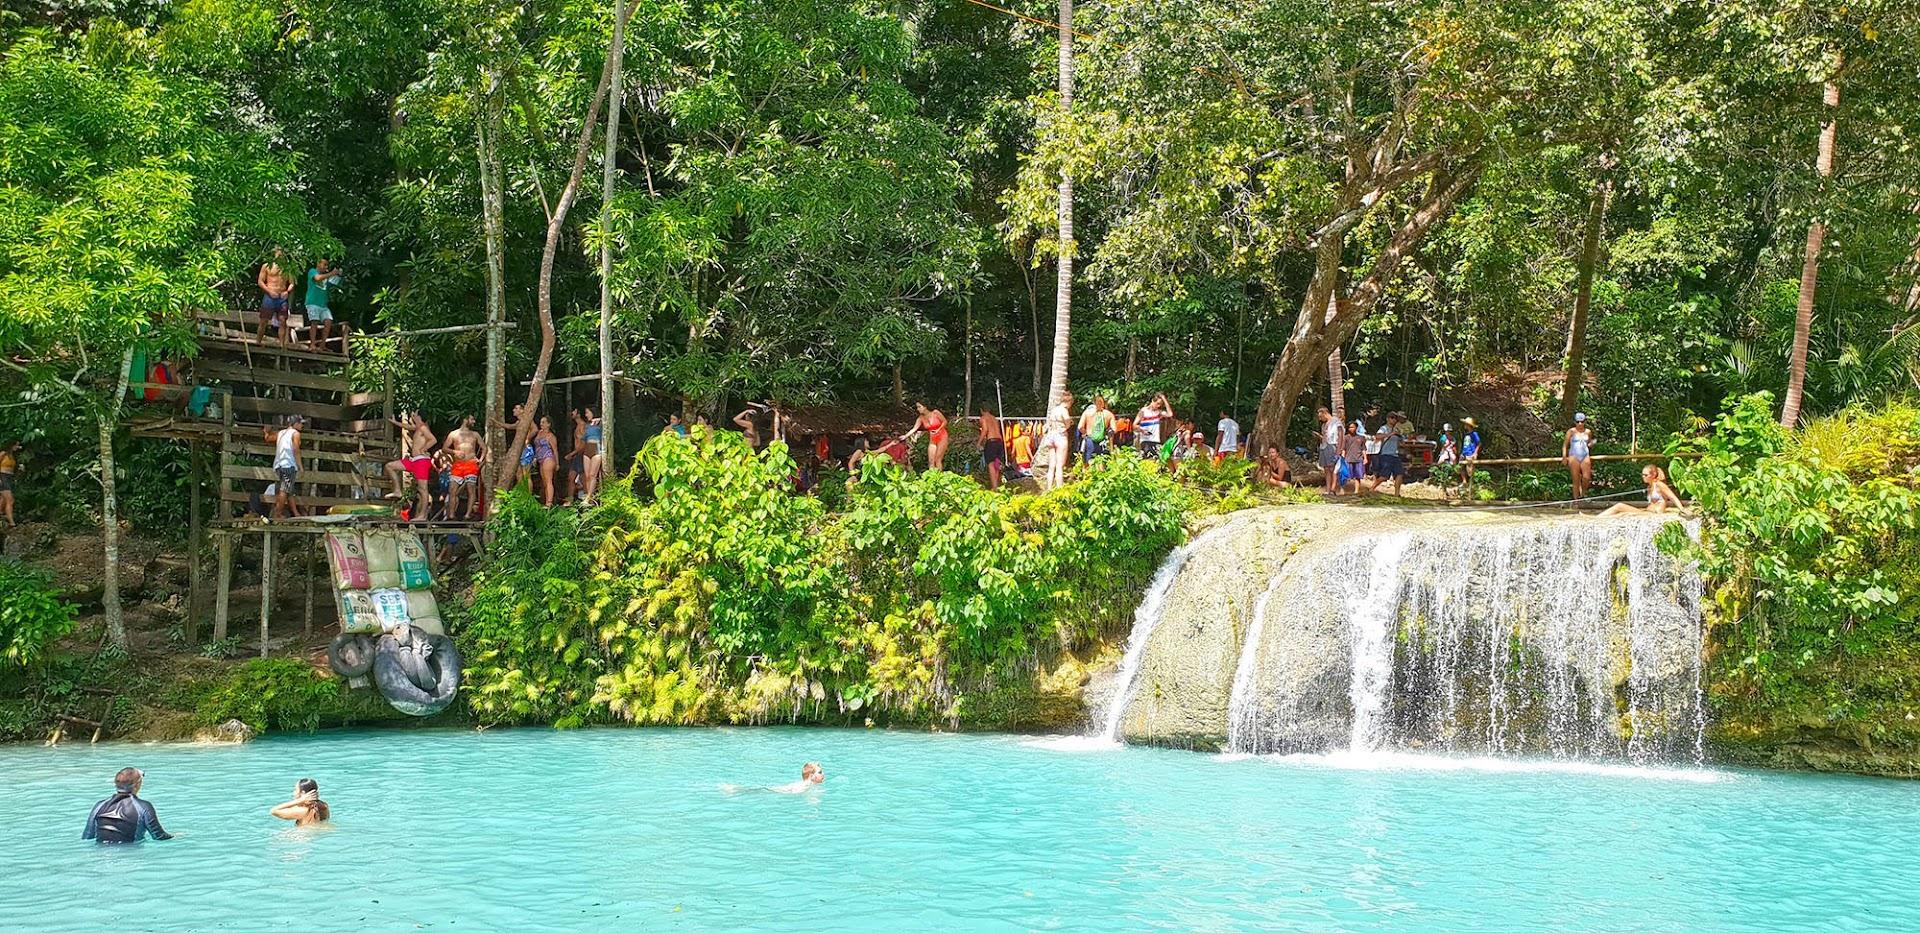 VISITAR SIQUIJOR, o que ver e fazer em Siquijor, a ilha mística das Filipinas